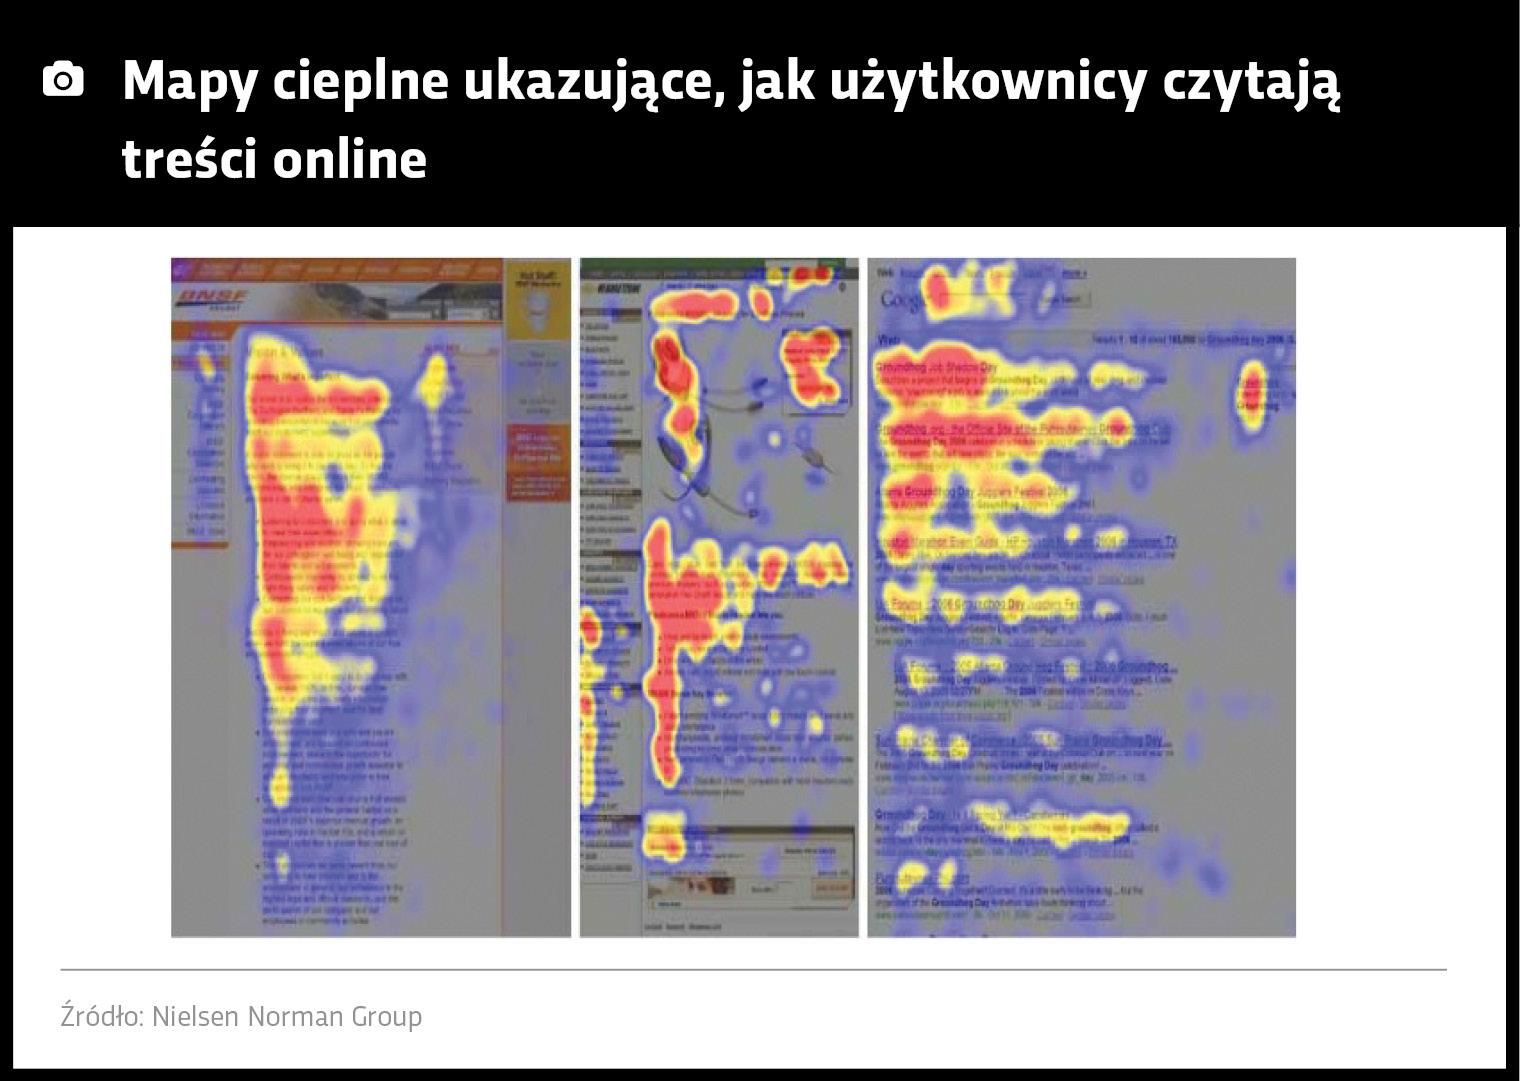 Mapa cieplna, jak użytkownicy czytają treści online